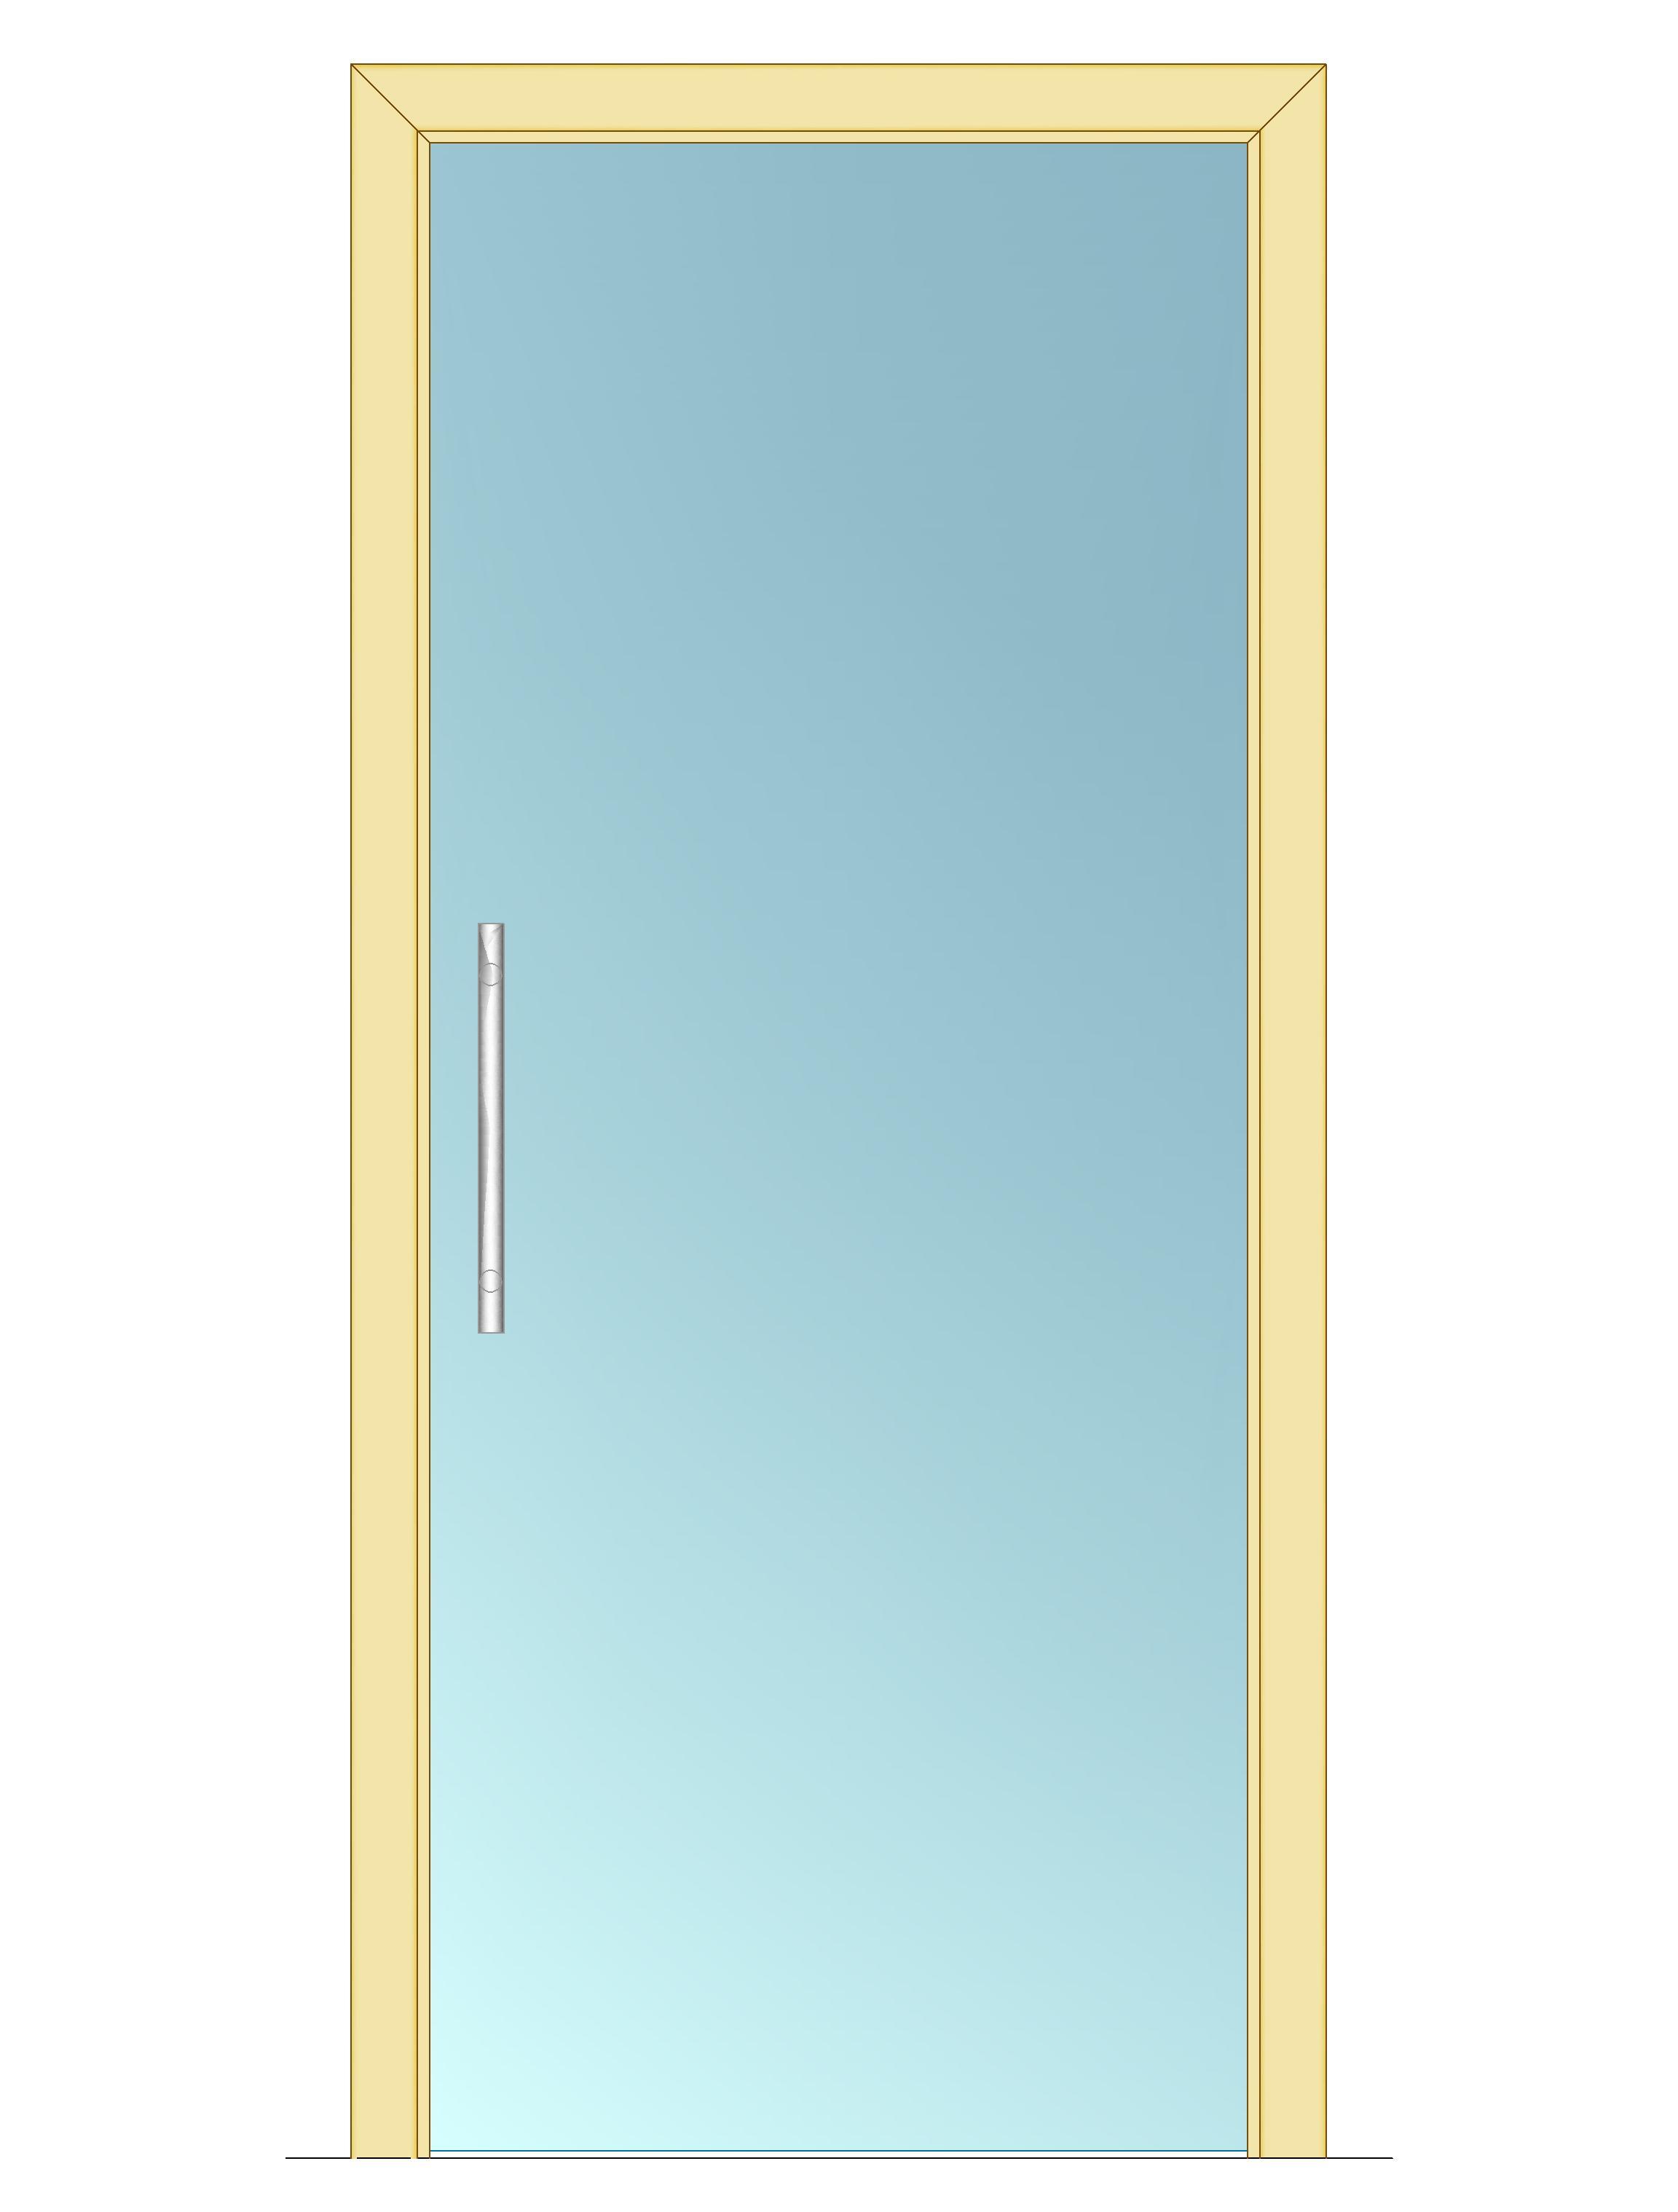 Celoskleněné dveře - posuvné - ČIRÉ 1200mm Výška: 210cm